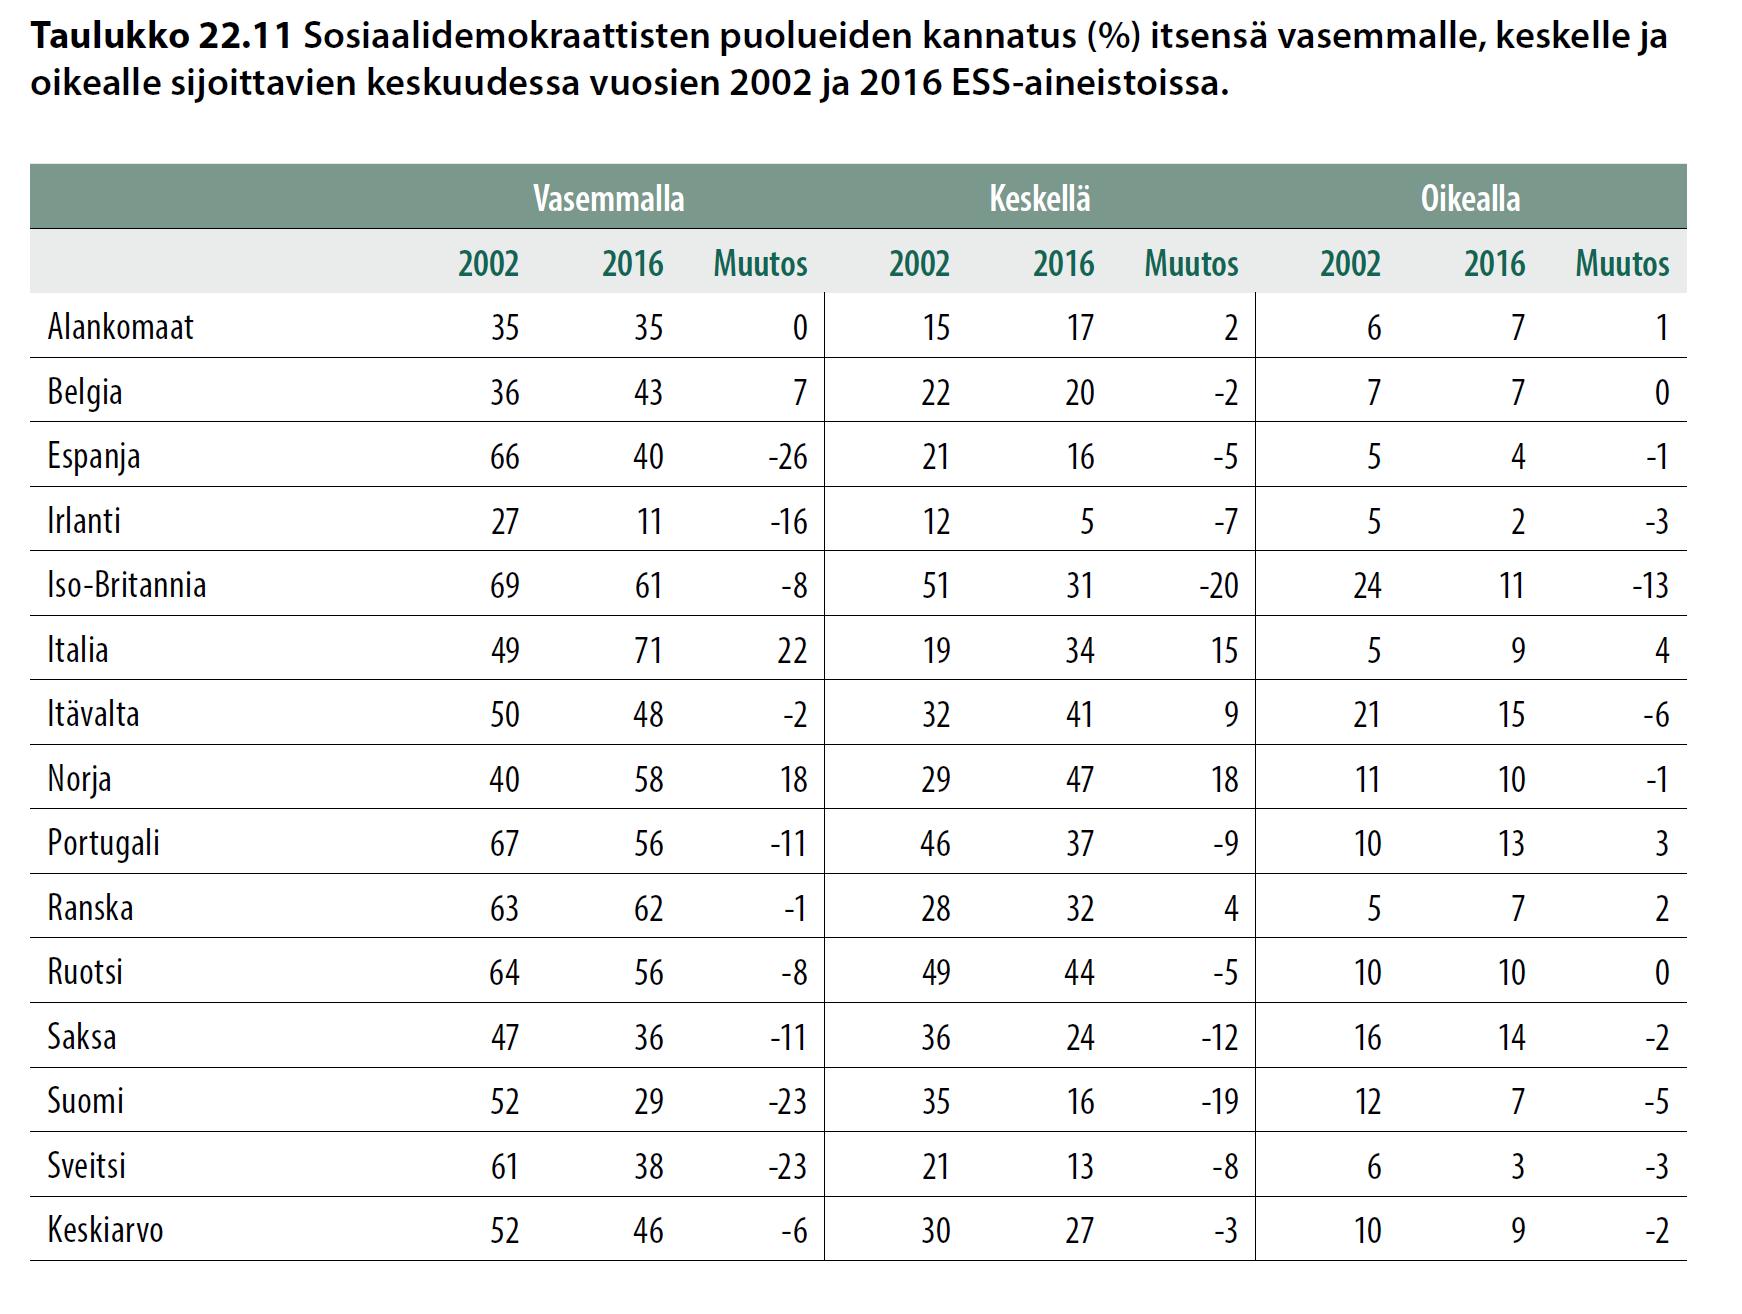 Sosiaalidemokraattisten puolueiden kannatus (%) itsensä vasemmalle, keskelle ja oikealle sijoittavien keskuudessa vuosien 2002 ja 2016 EES-aineistoissa.